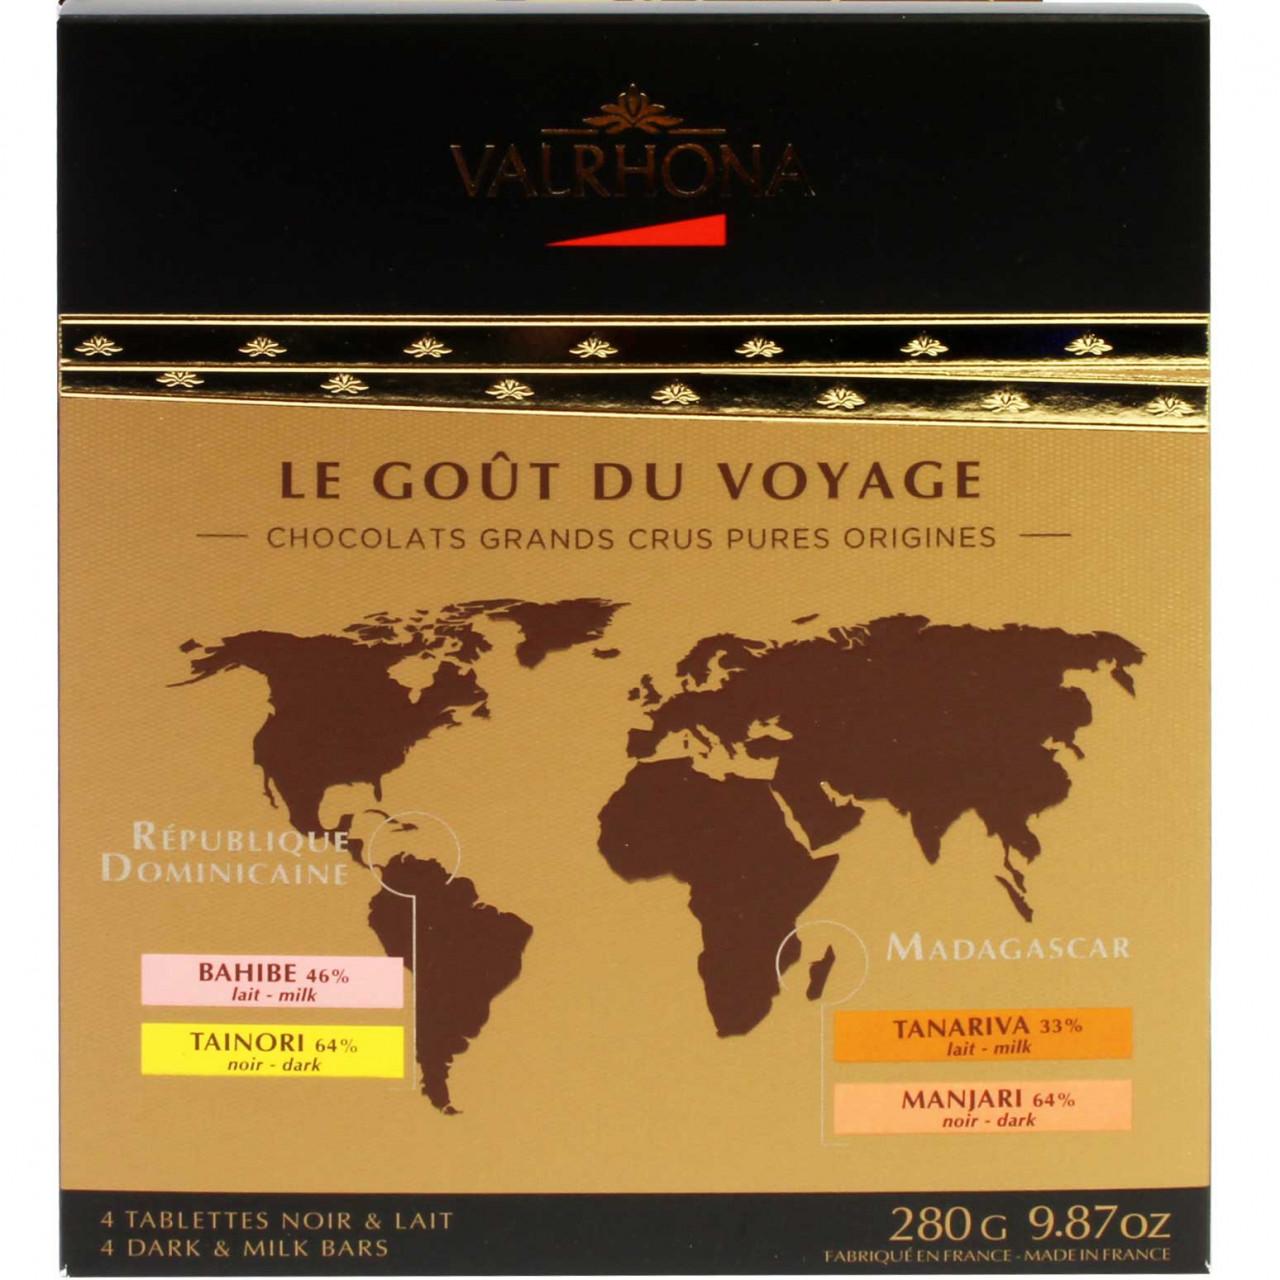 Le Goût du Voyage: viaje de chocolate por el mundo - Francia, chocolate francés - Chocolats-De-Luxe